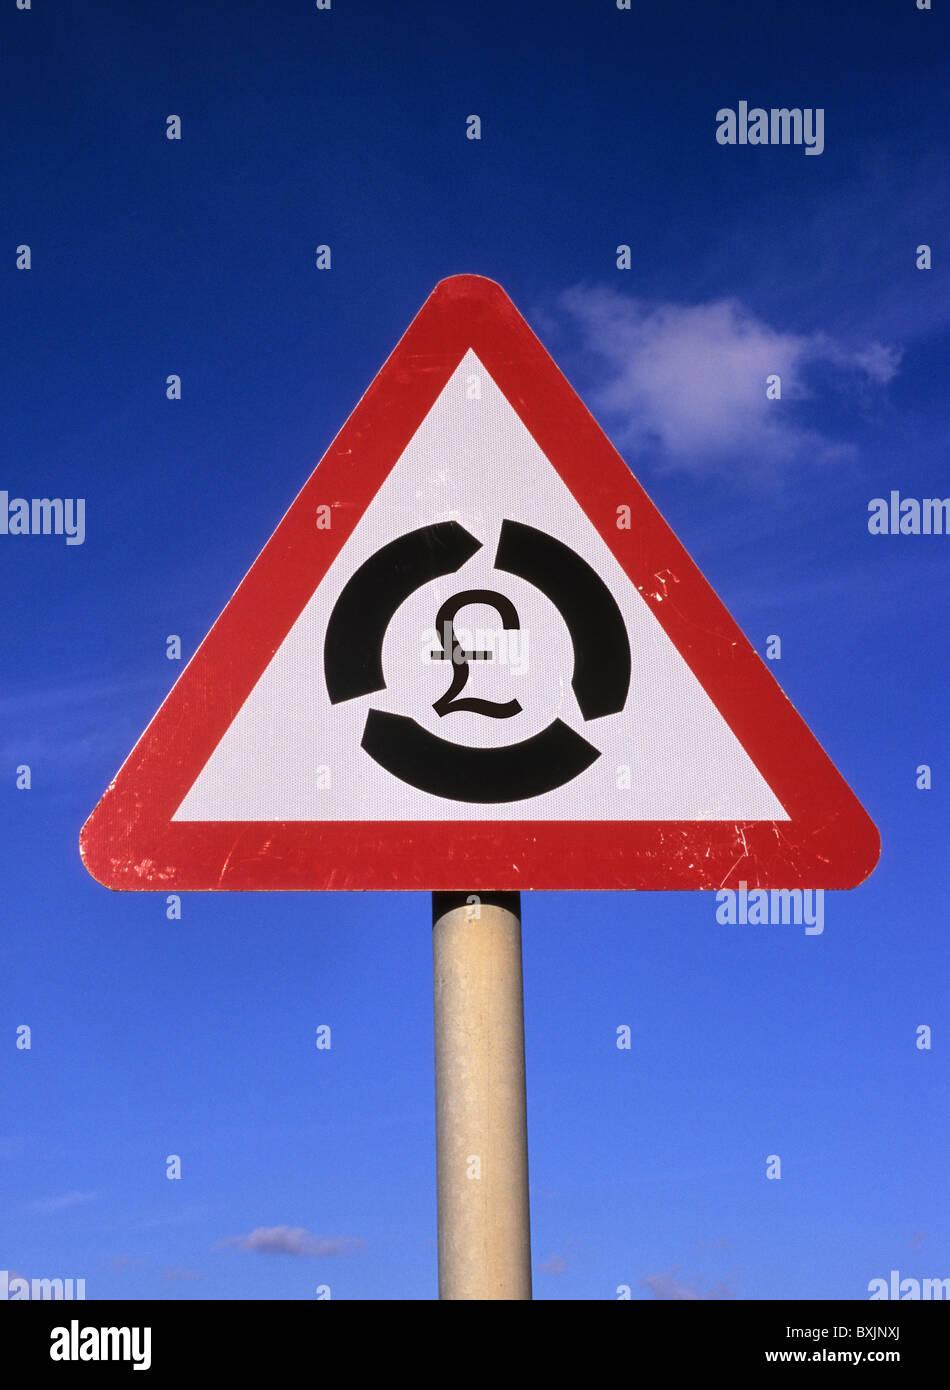 Conceptual image of uk sterling pound symbol in middle of roadsign conceptual image of uk sterling pound symbol in middle of roadsign warning of roundabout ahead uk buycottarizona